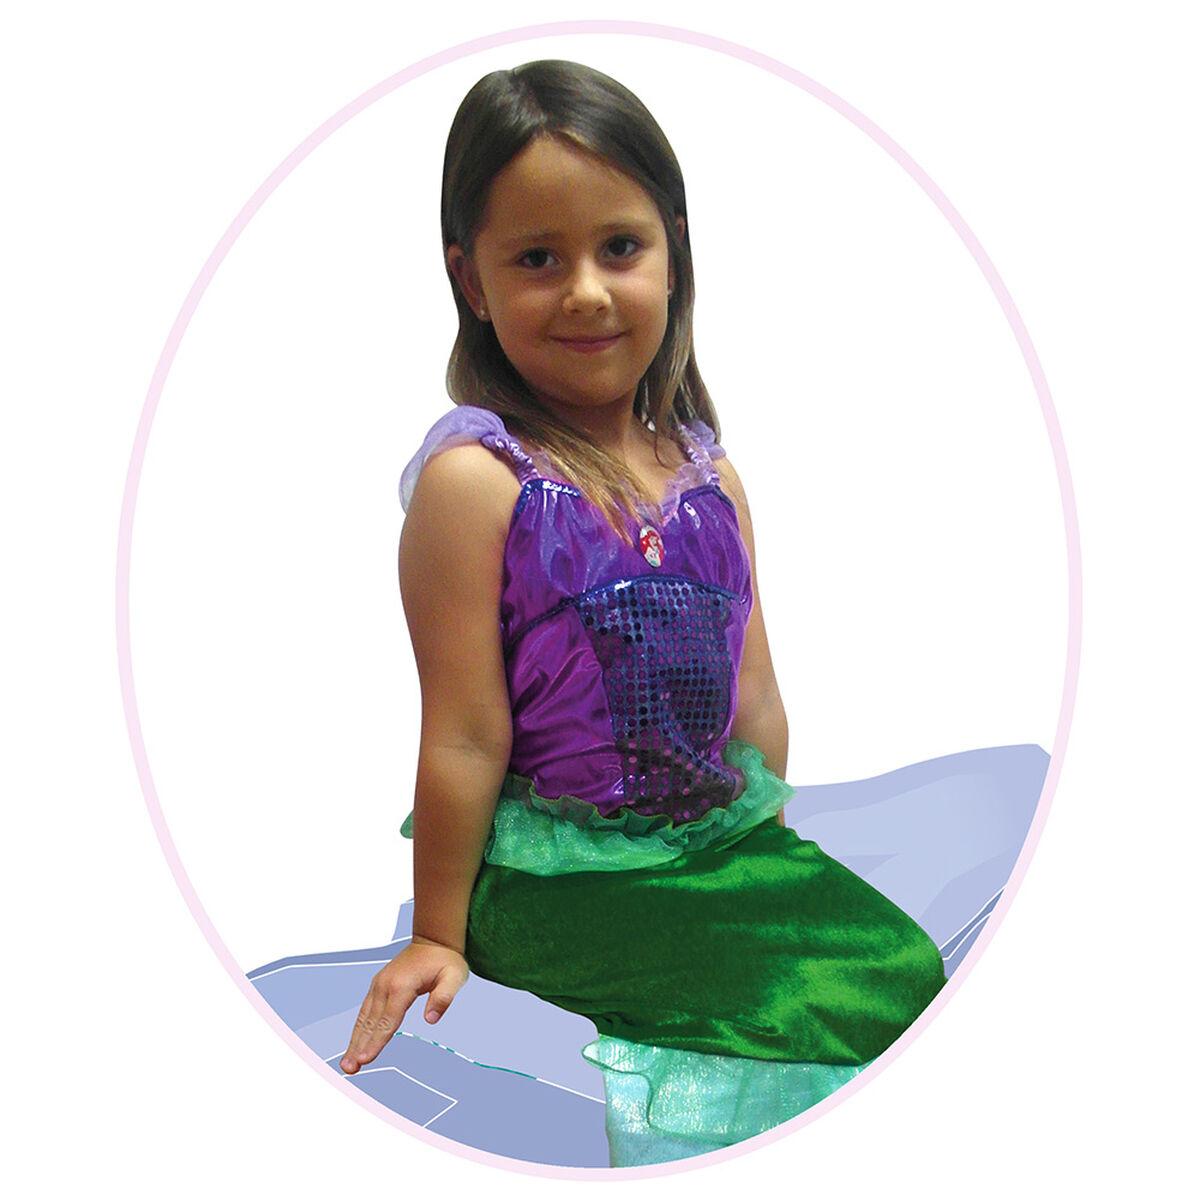 Disfraz Princesa Disney Ariel Deluxe